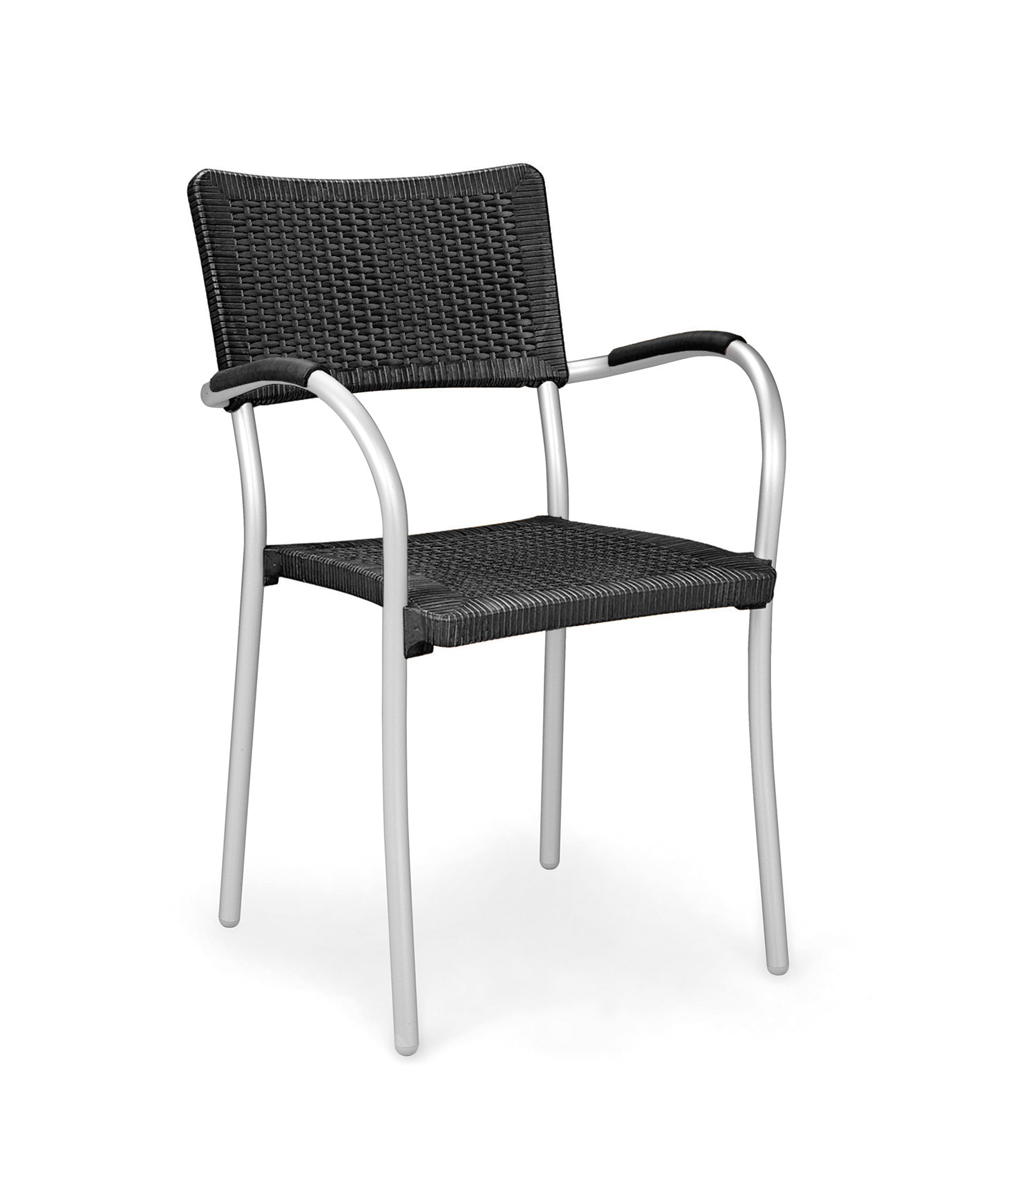 Krzesło artica nardi antracytowe